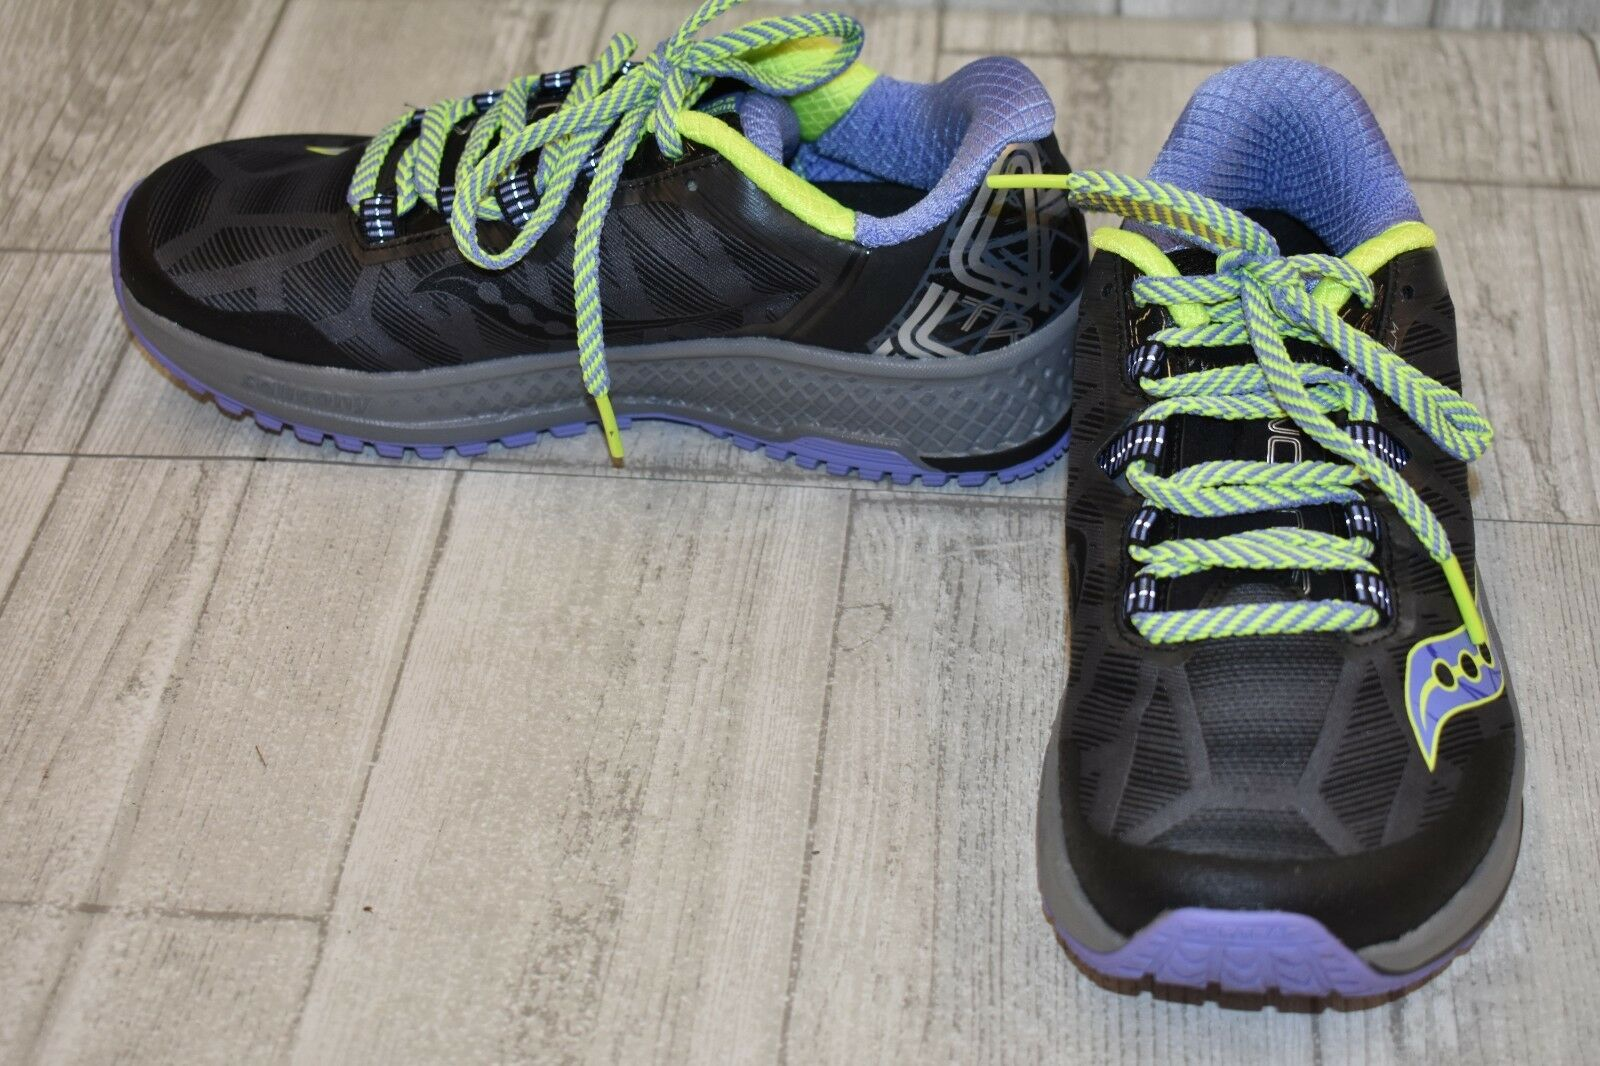 Saucony Koa TR Athletic shoes - Women's Size 7 - Grey Purple Lime